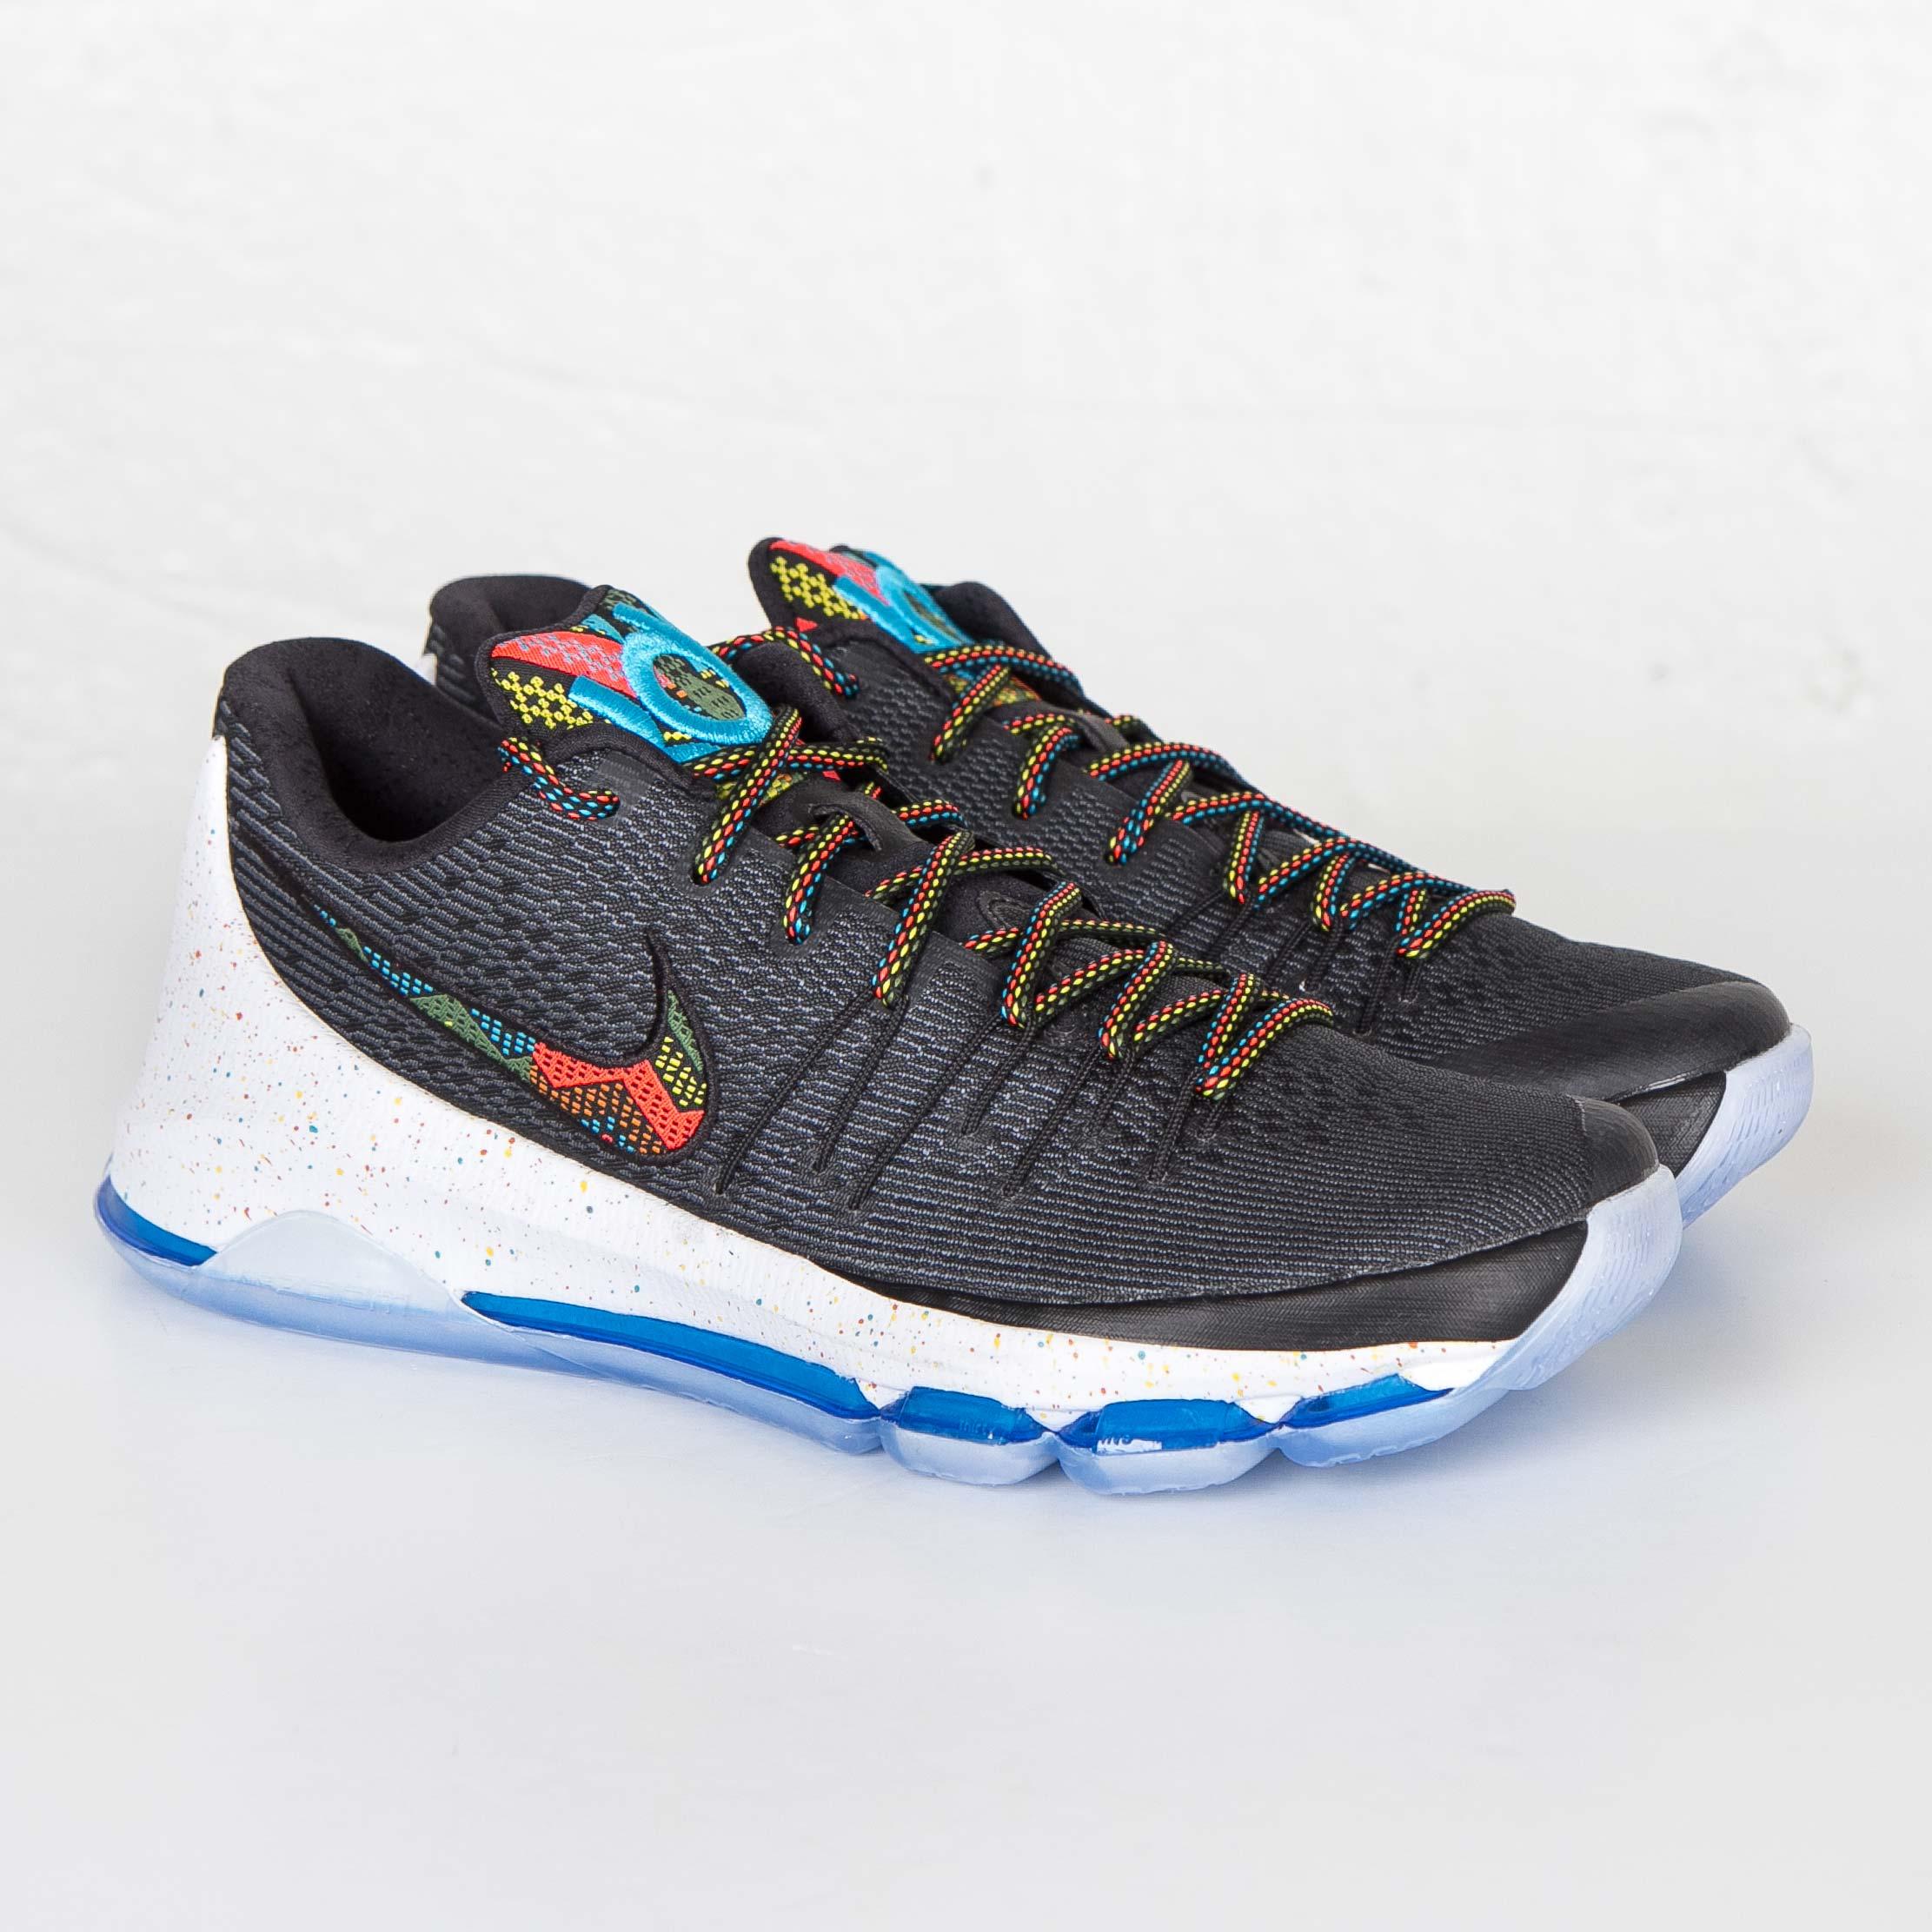 b179c3ff9d0b Nike KD 8 BHM - 824420-090 - Sneakersnstuff